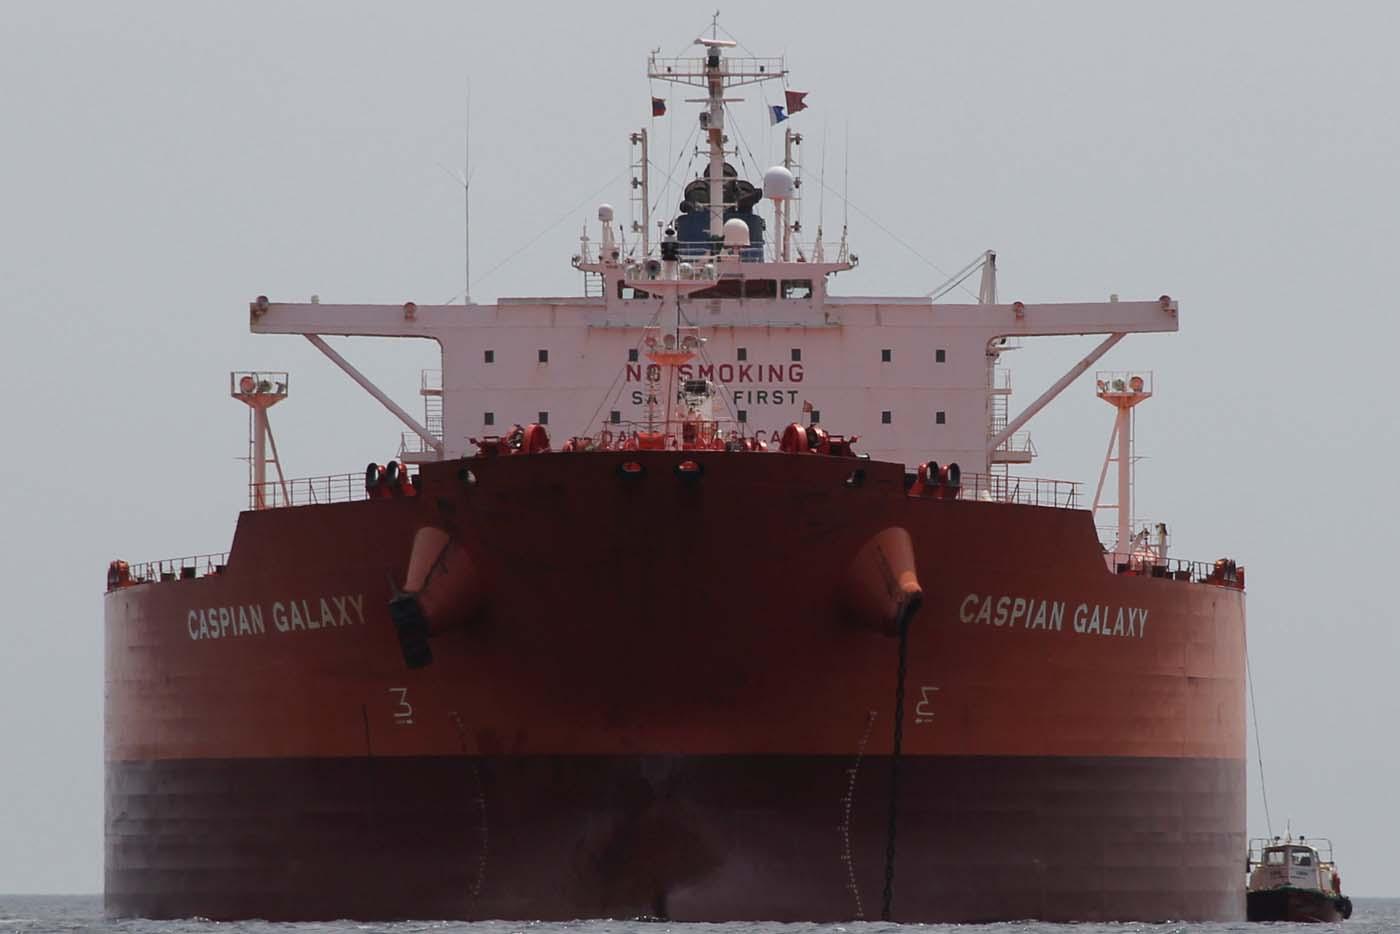 El tanquero Caspian Galaxy en Amuay REUTERS/Stringer